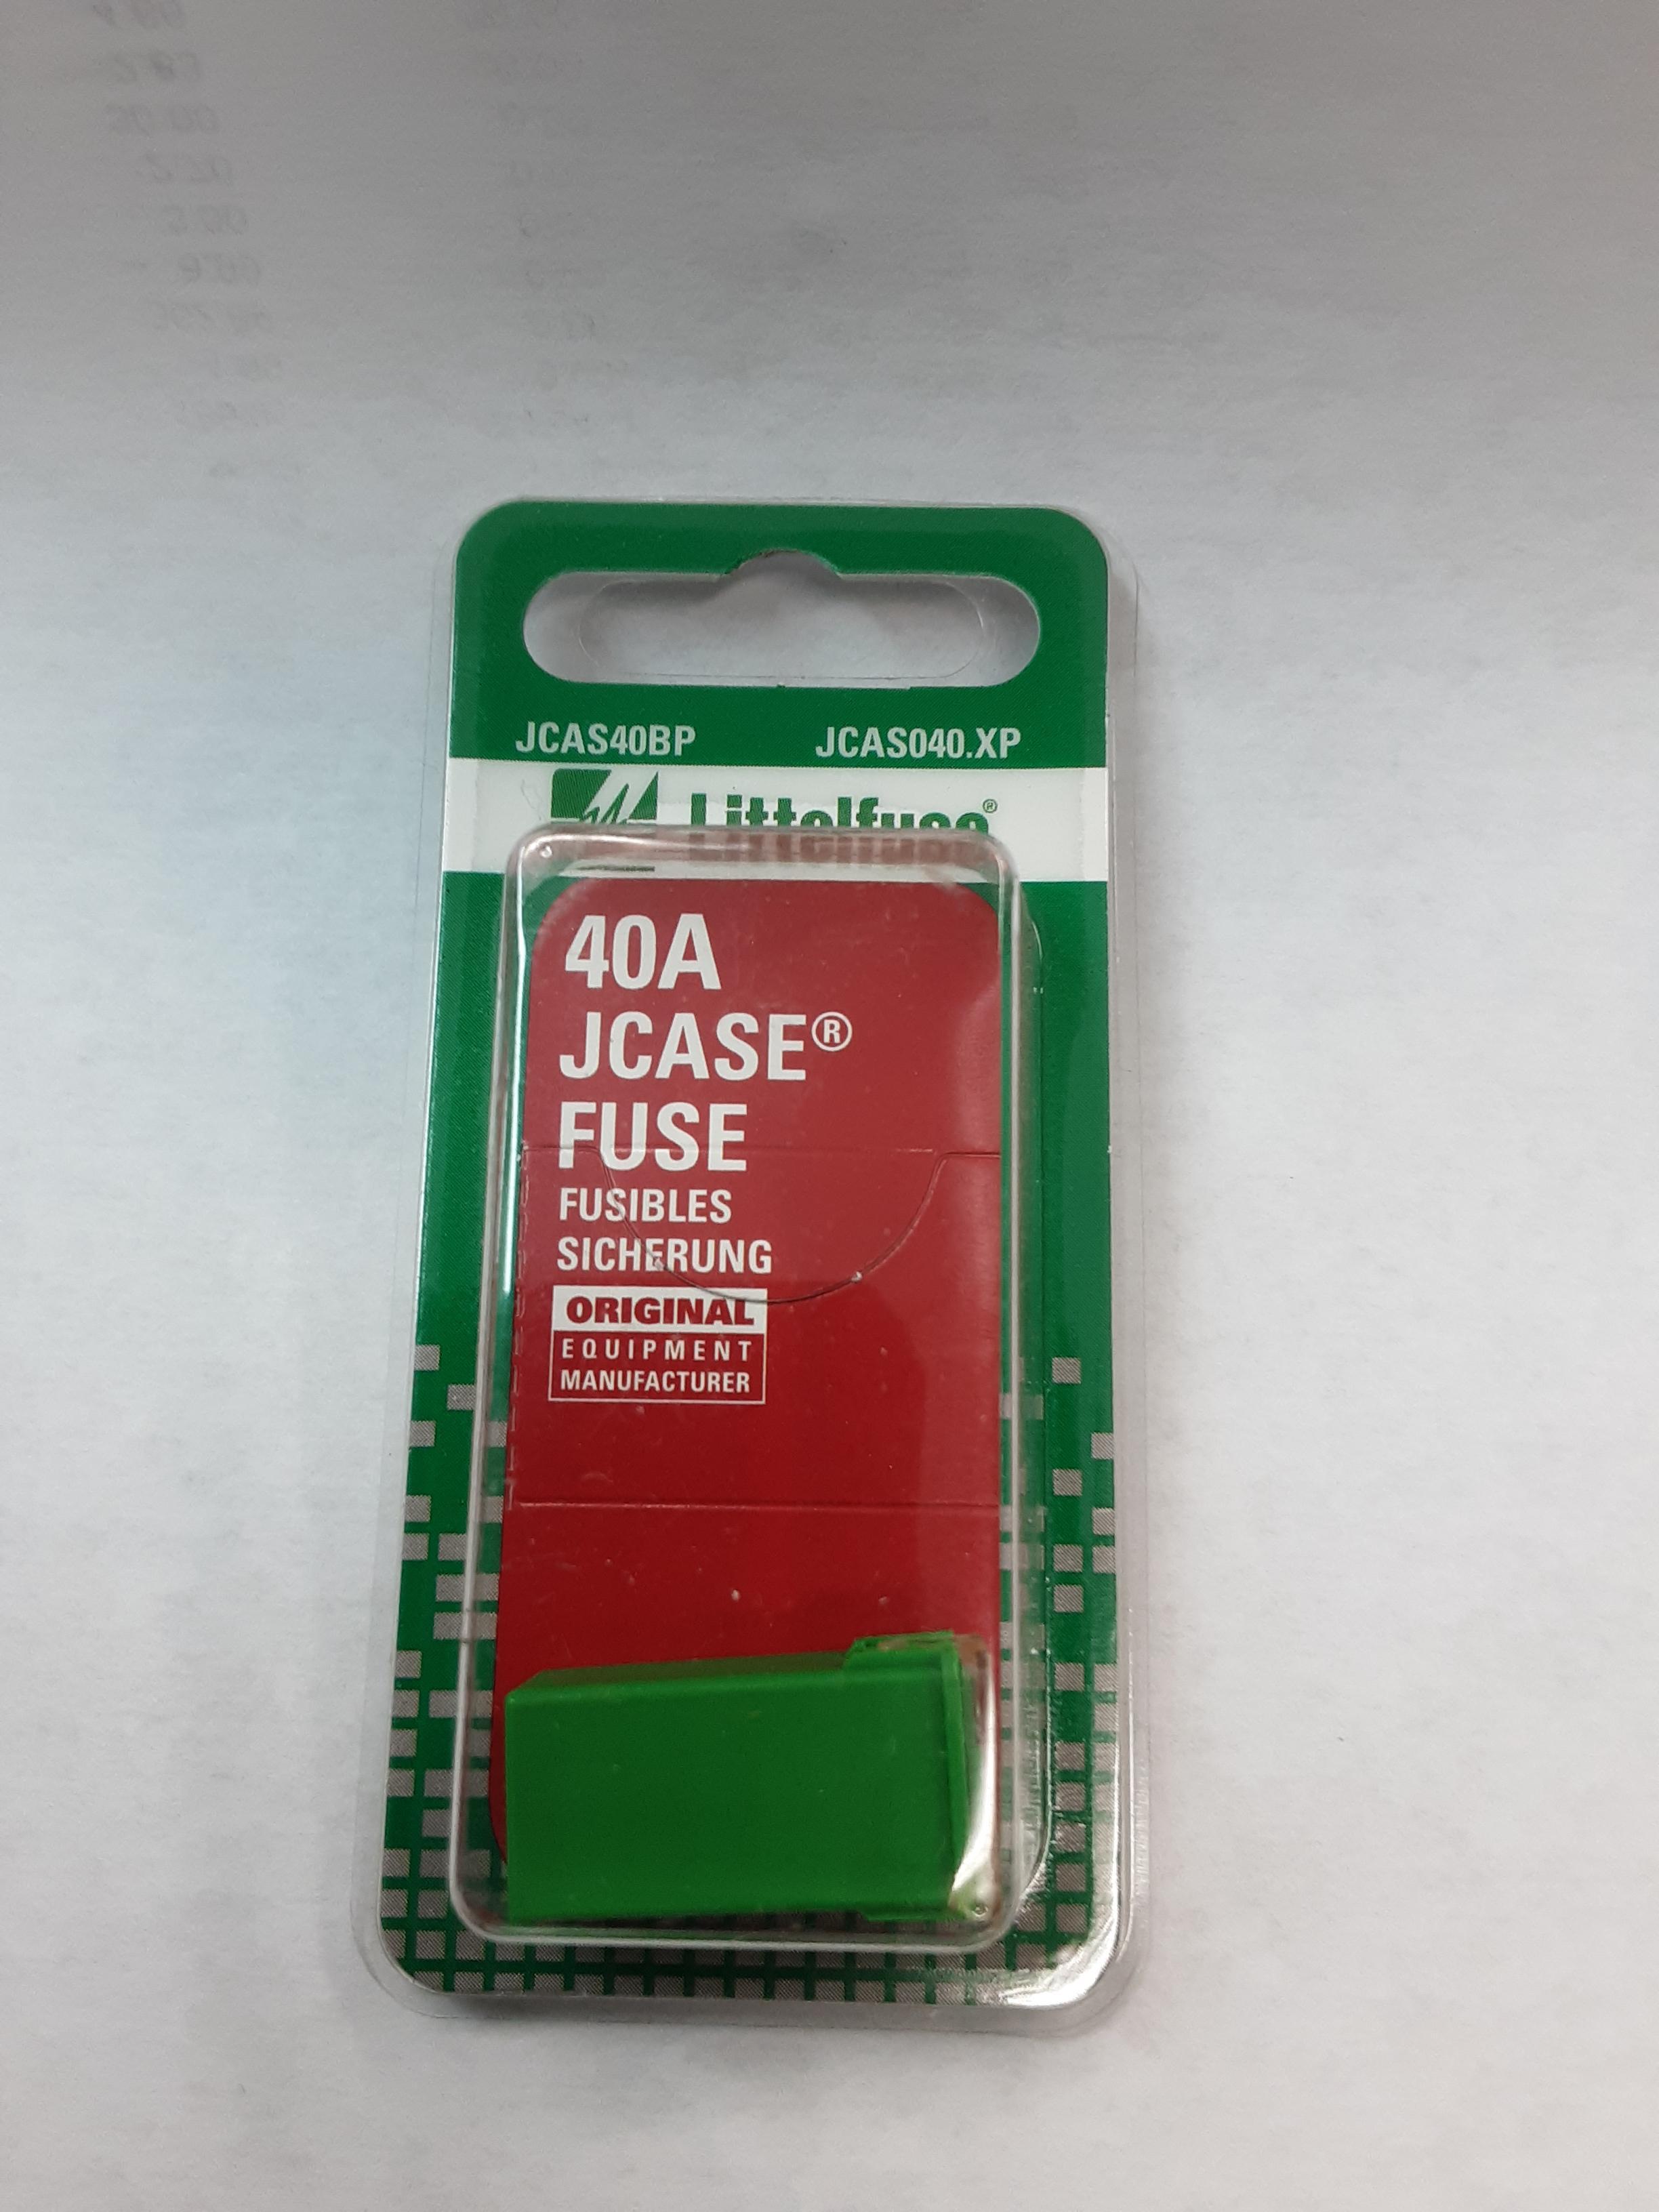 JCAS40BP